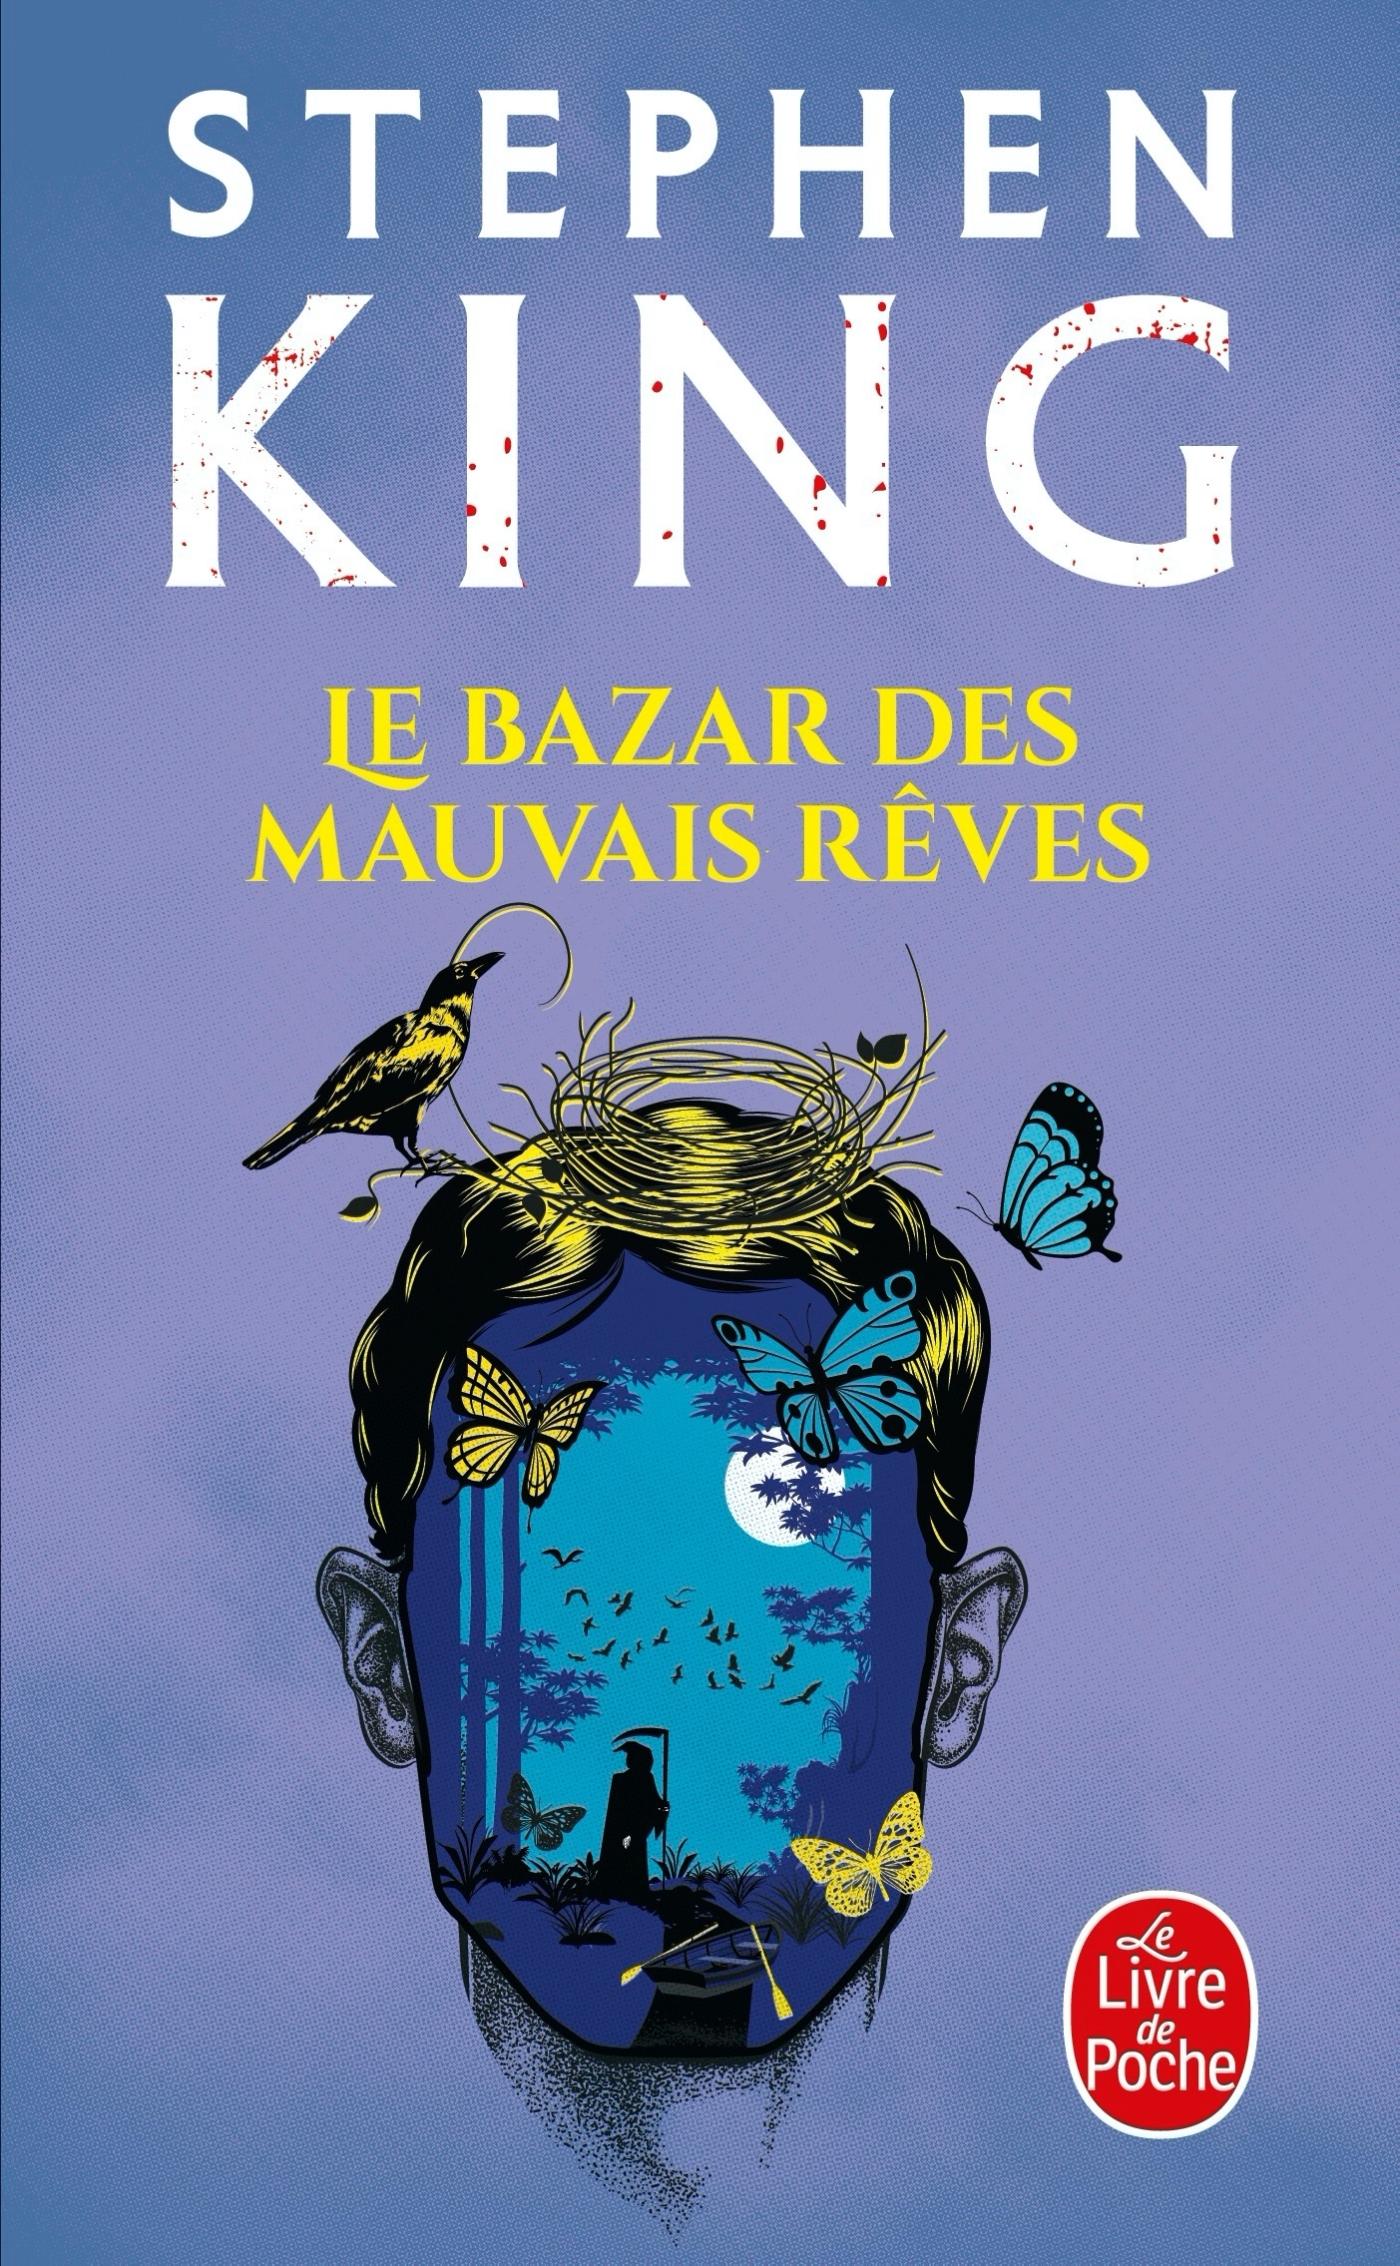 LE BAZAR DES MAUVAIS REVES